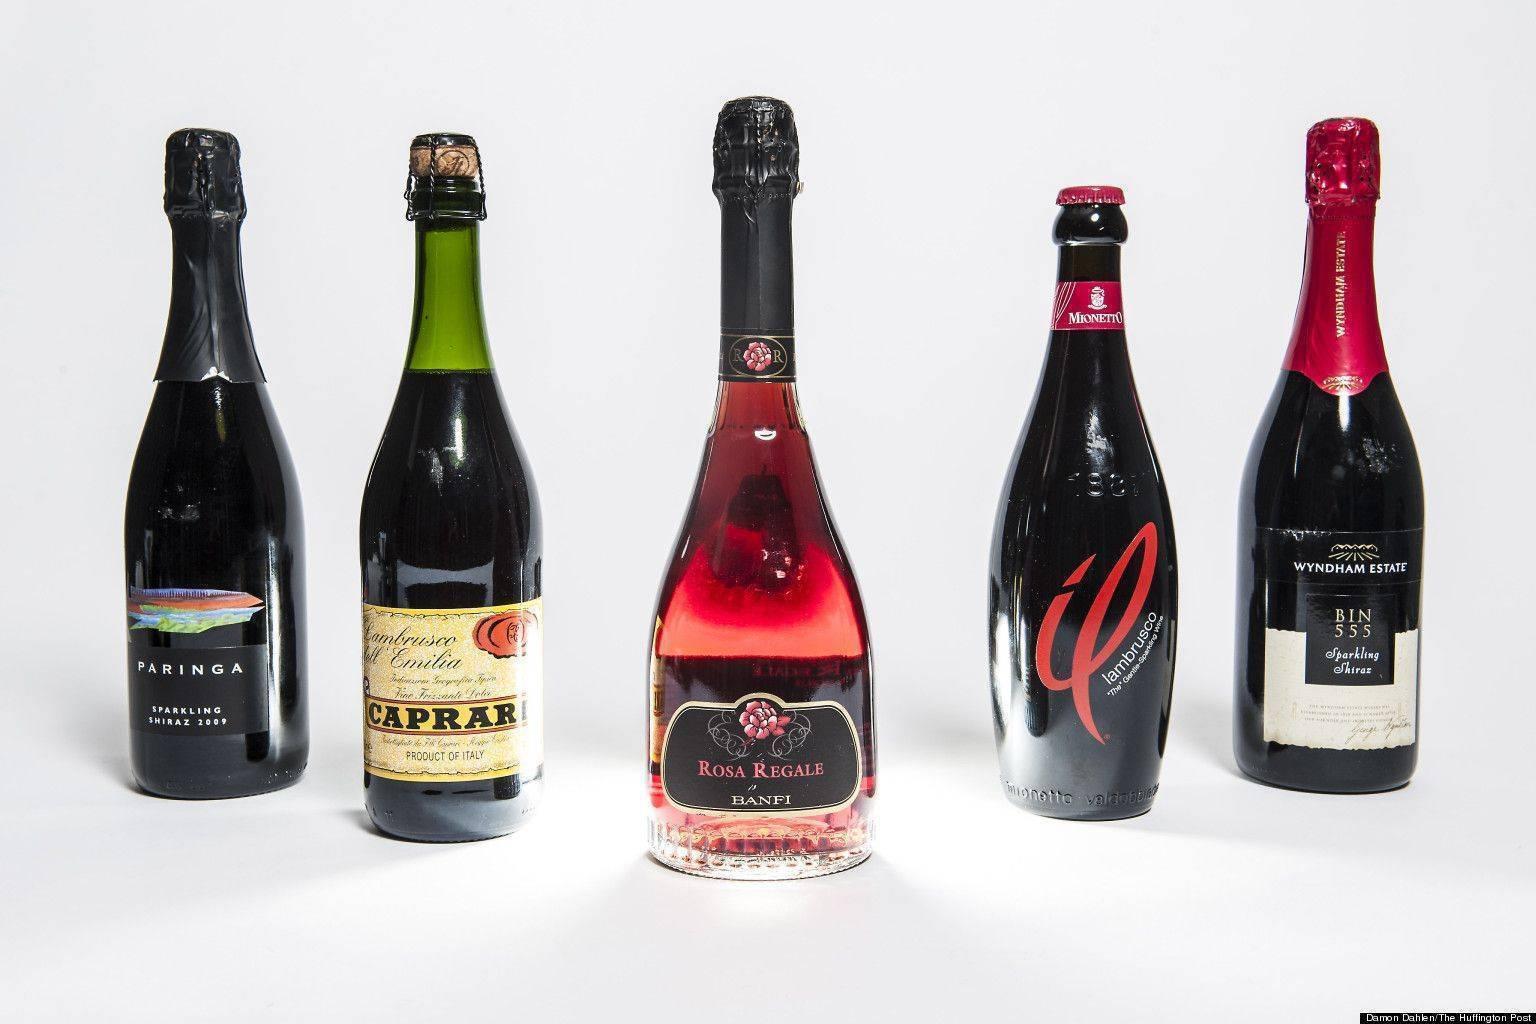 Испанские вина – классификация, названия и описание сортов по регионам испании